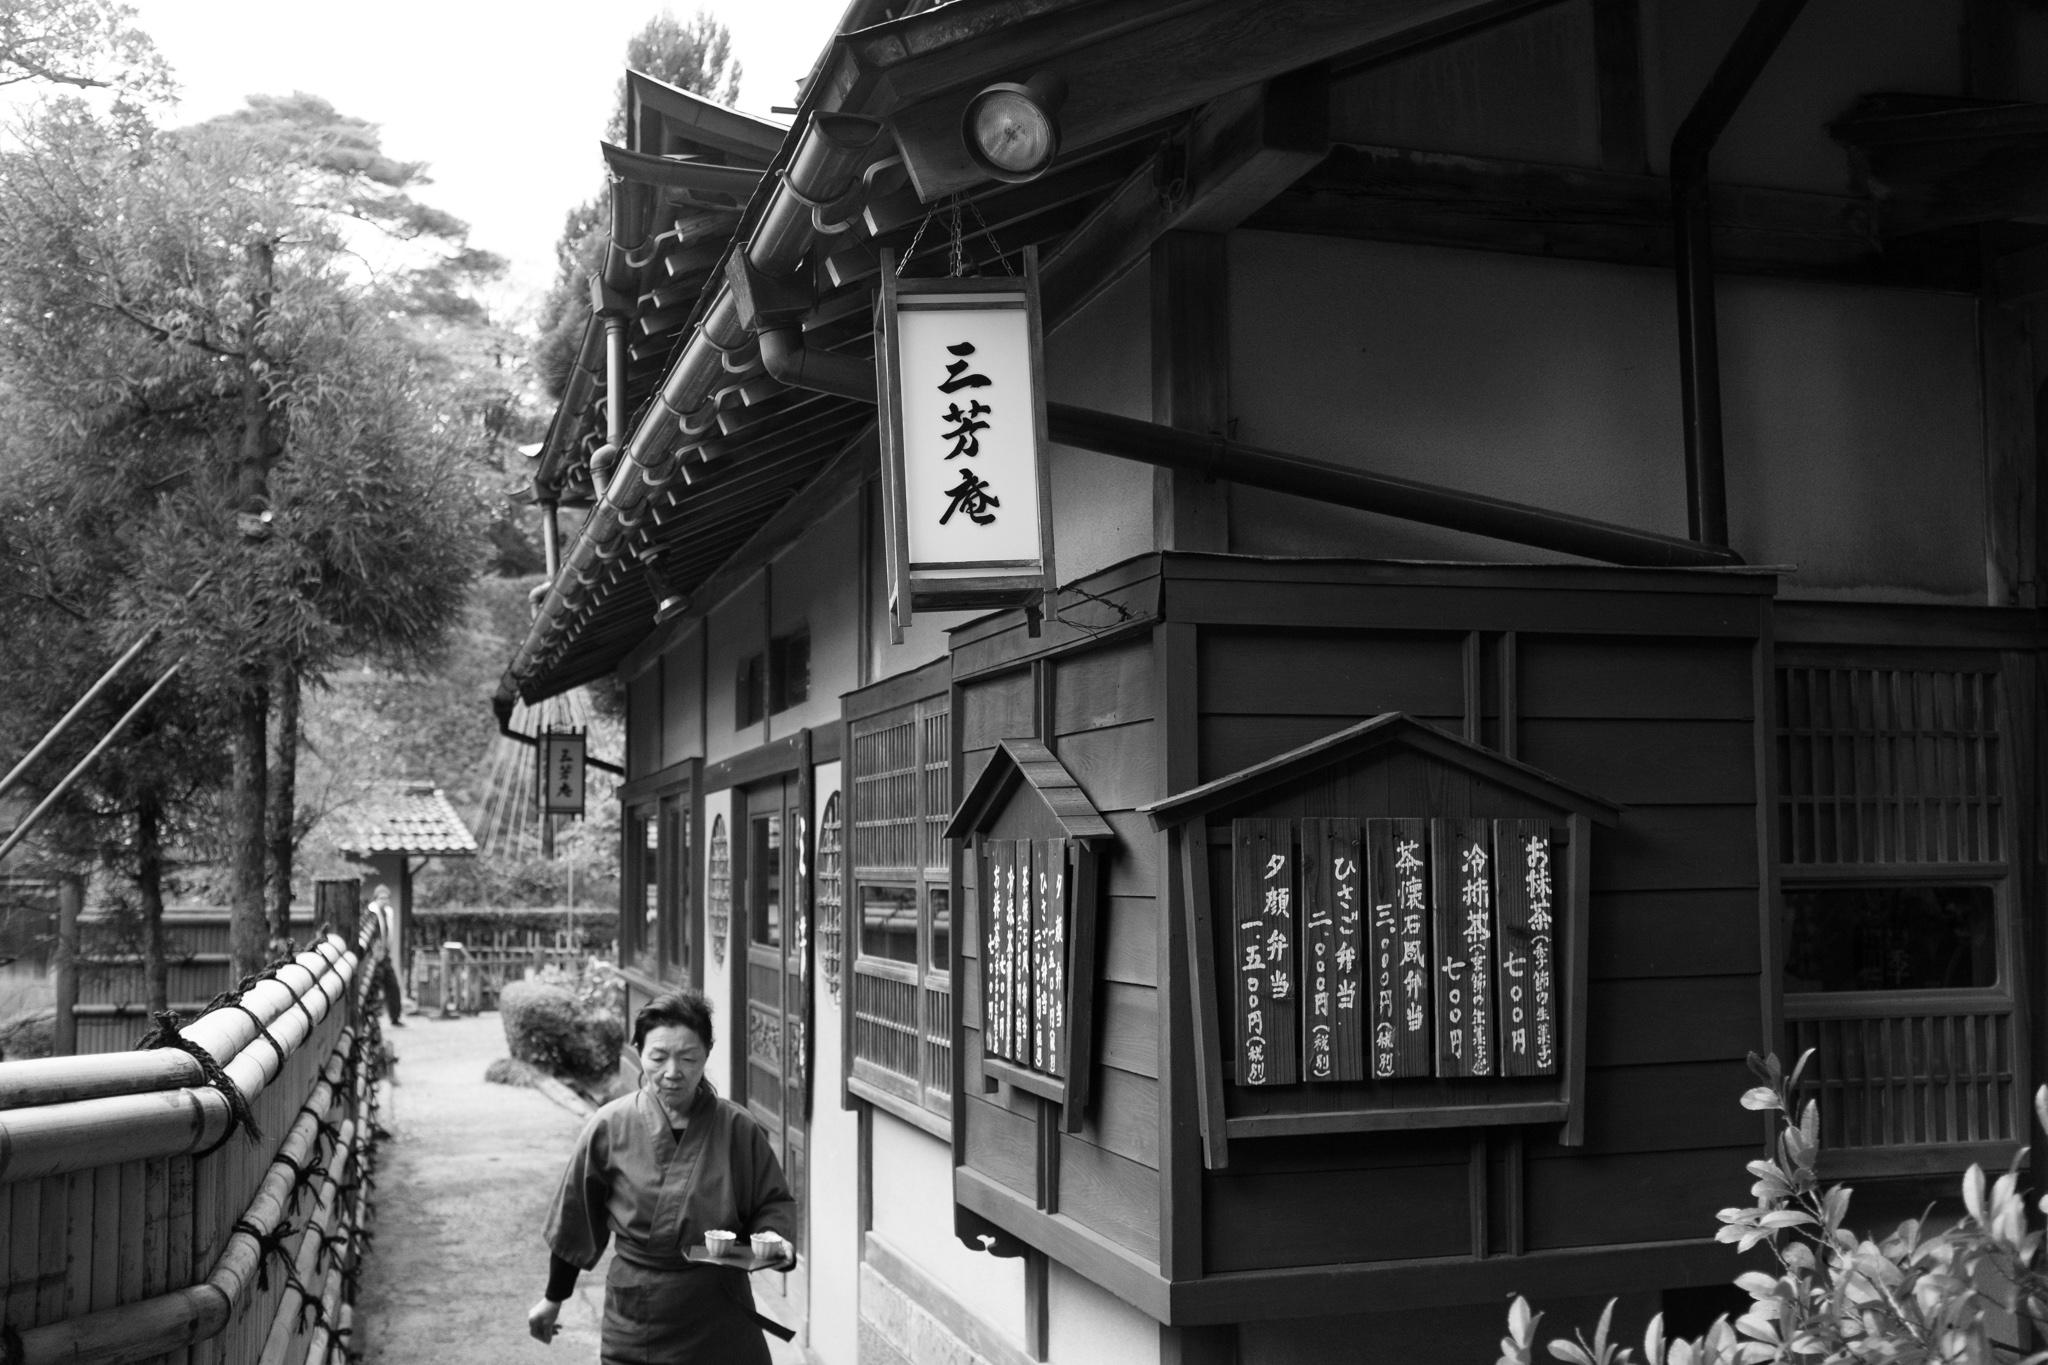 7534-japan-street-autumn-lights.jpg